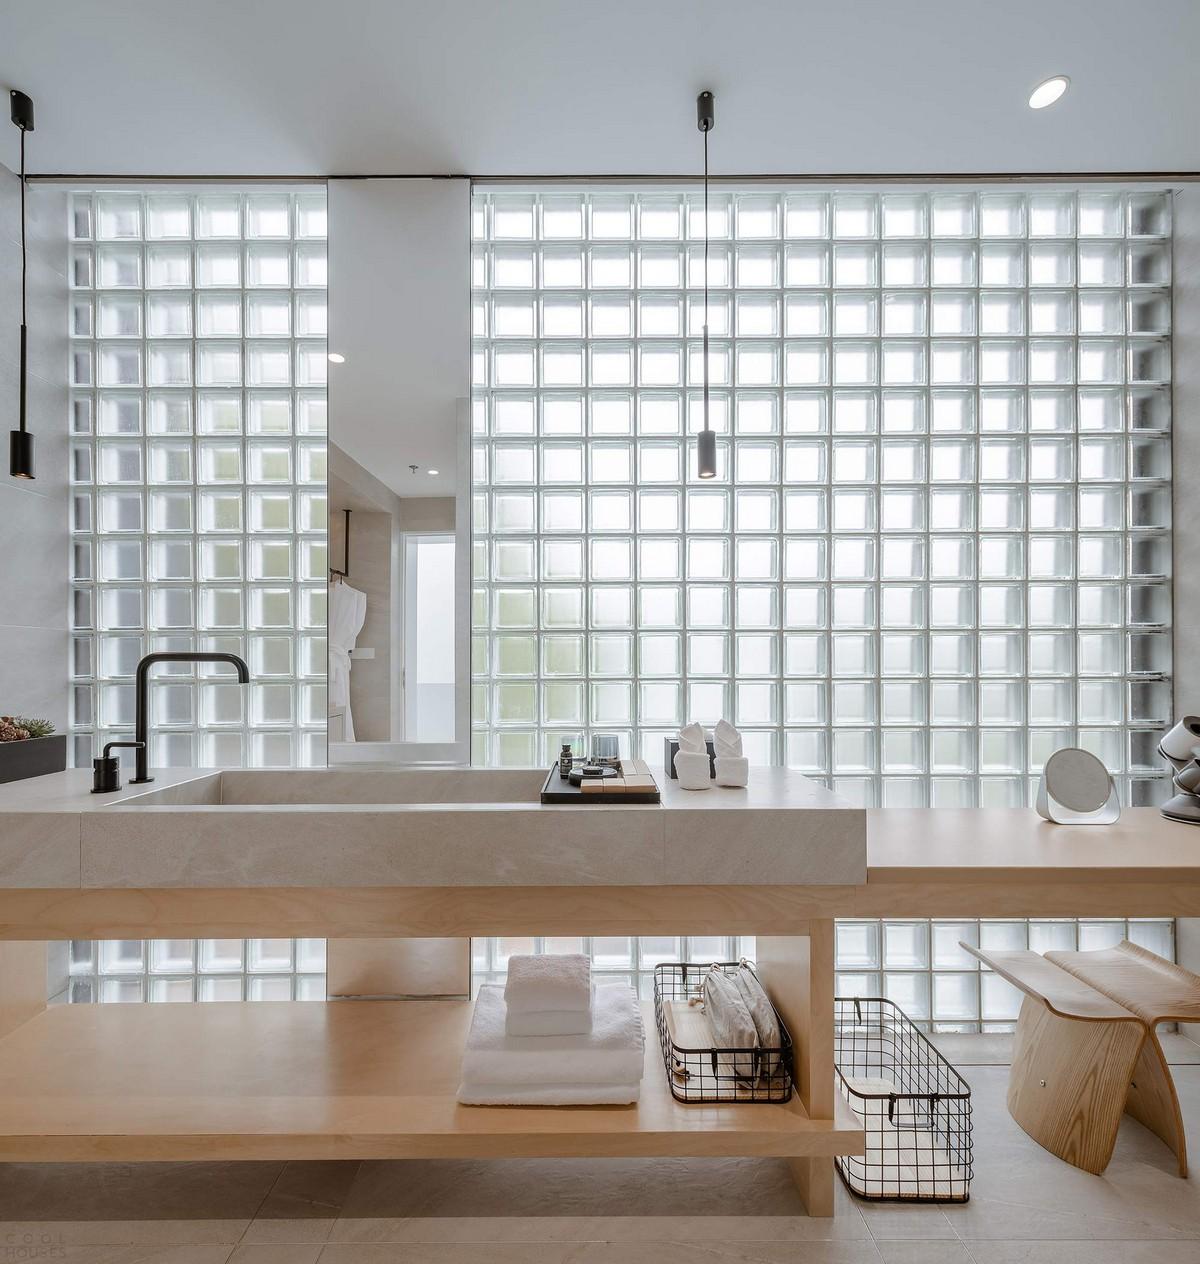 Необычный отель в форме кубика Рубика в Китае